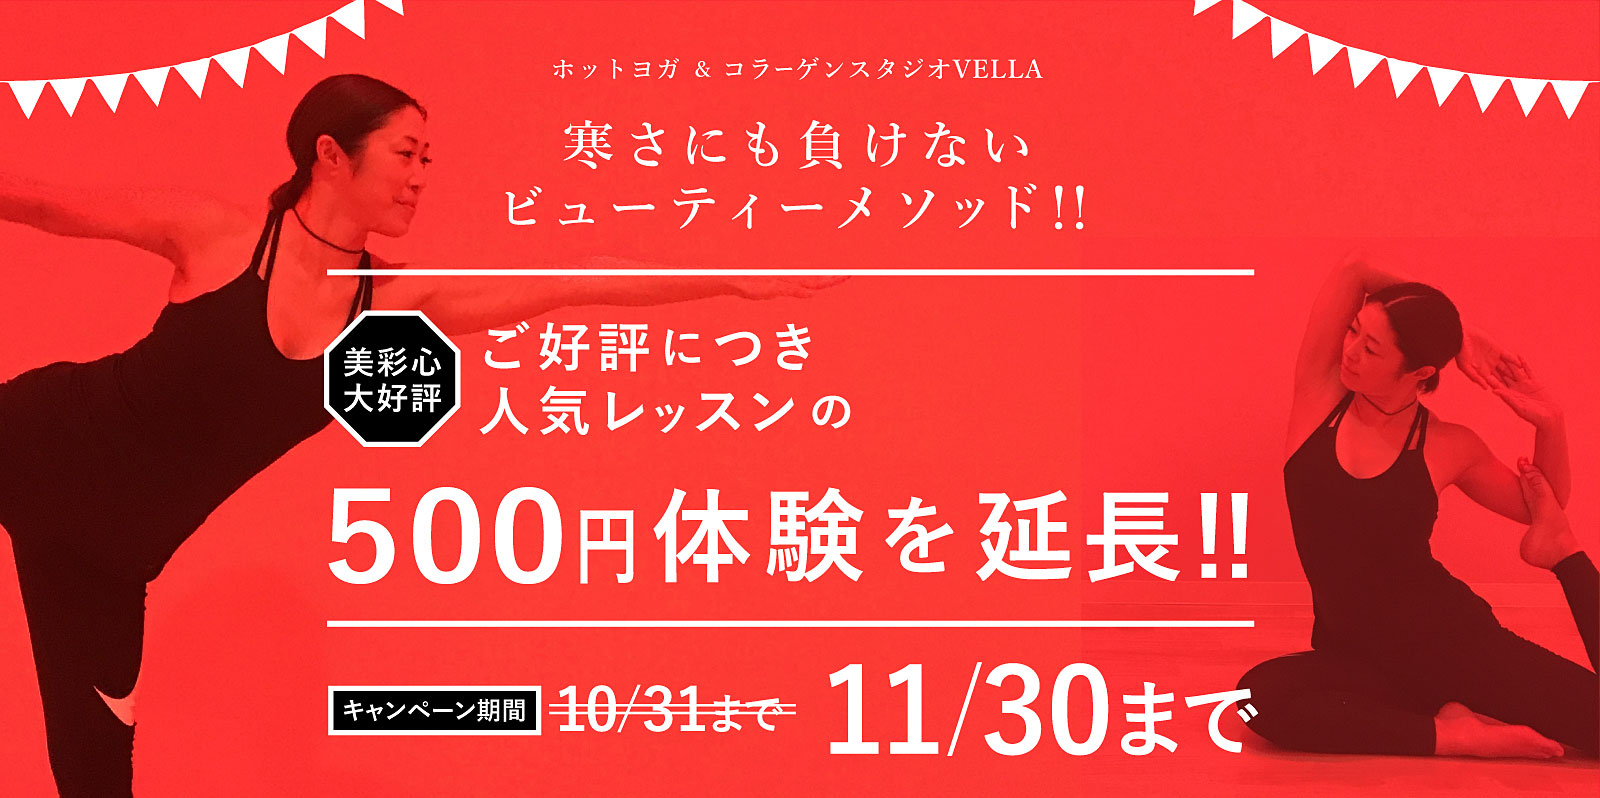 ご好評につき人気レッスンの500円体験を11月30日まで延長。